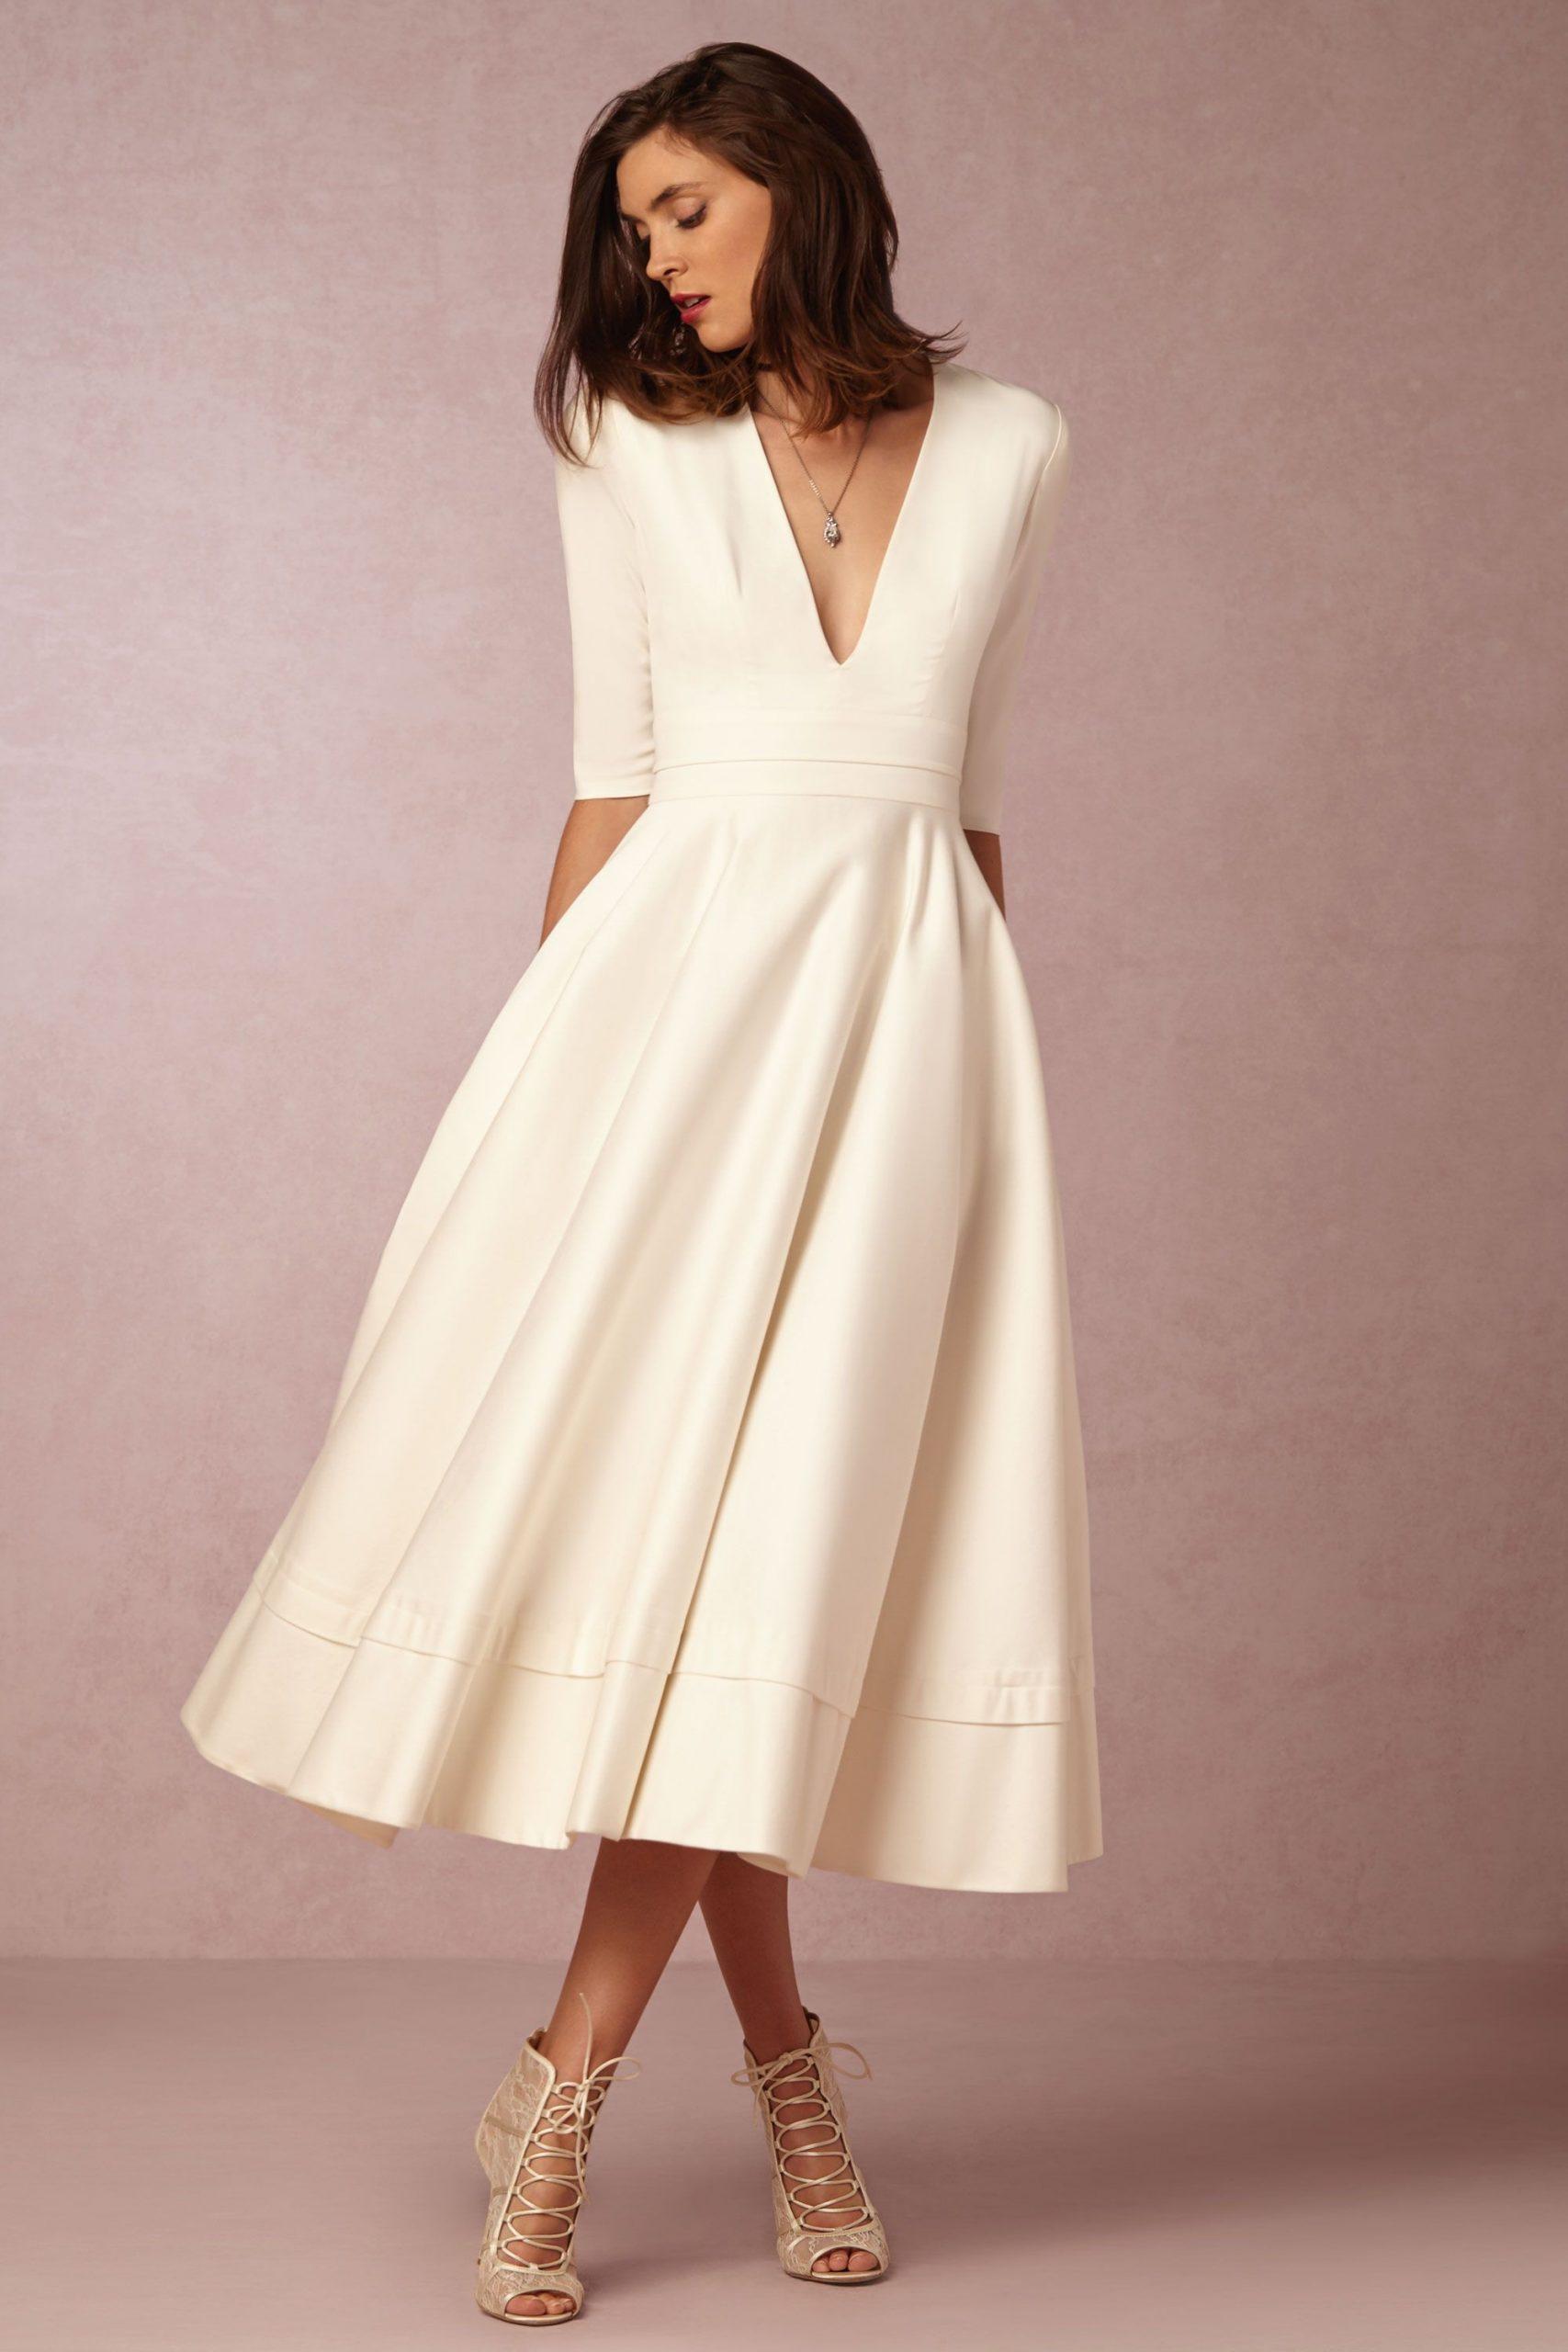 Formal Fantastisch Abendkleider Jungfrau Stylish13 Genial Abendkleider Jungfrau Bester Preis